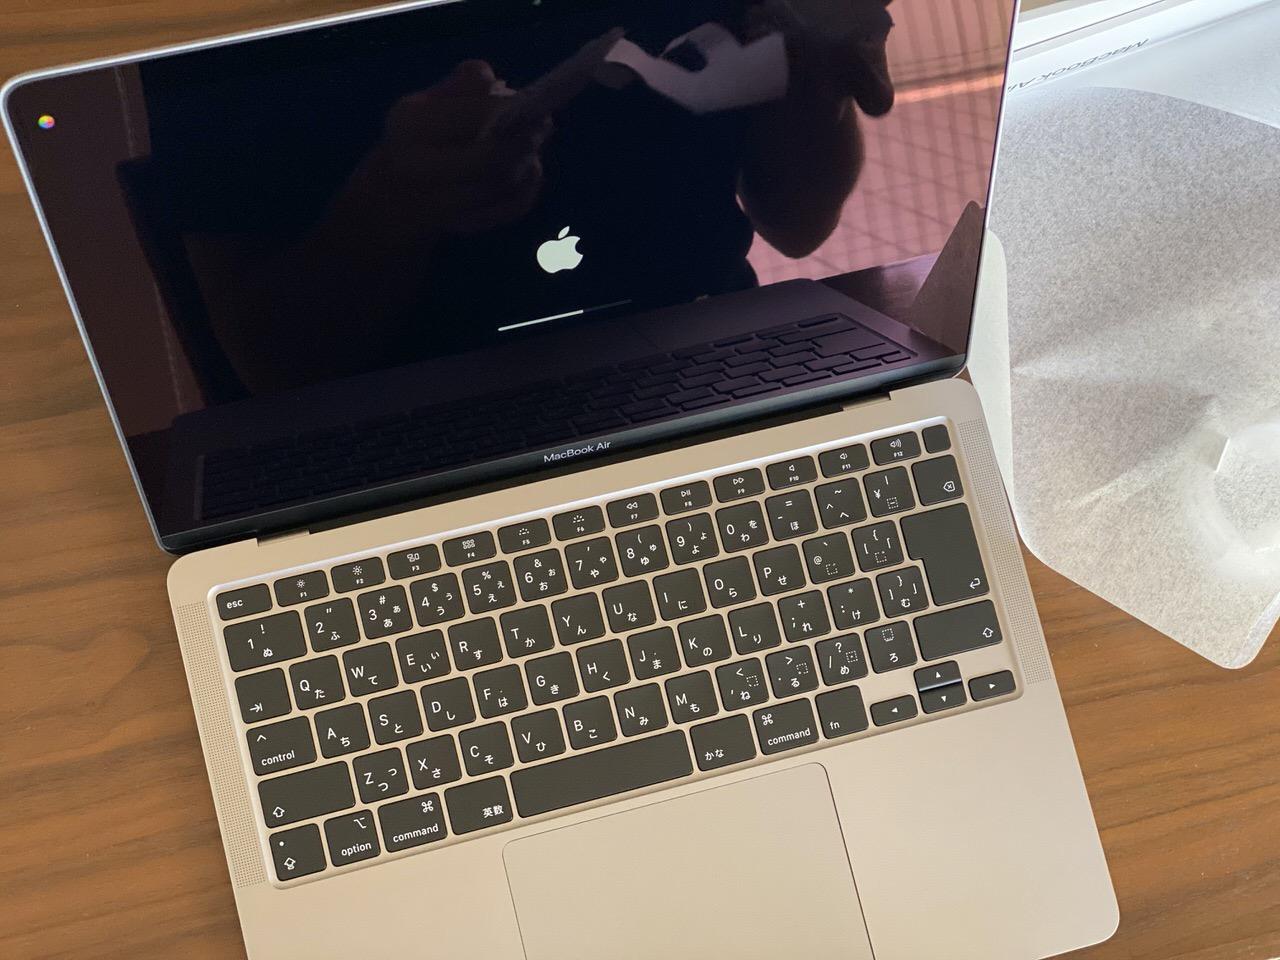 長男のオンライン授業用に購入した「MacBook Air」が届いたけれど